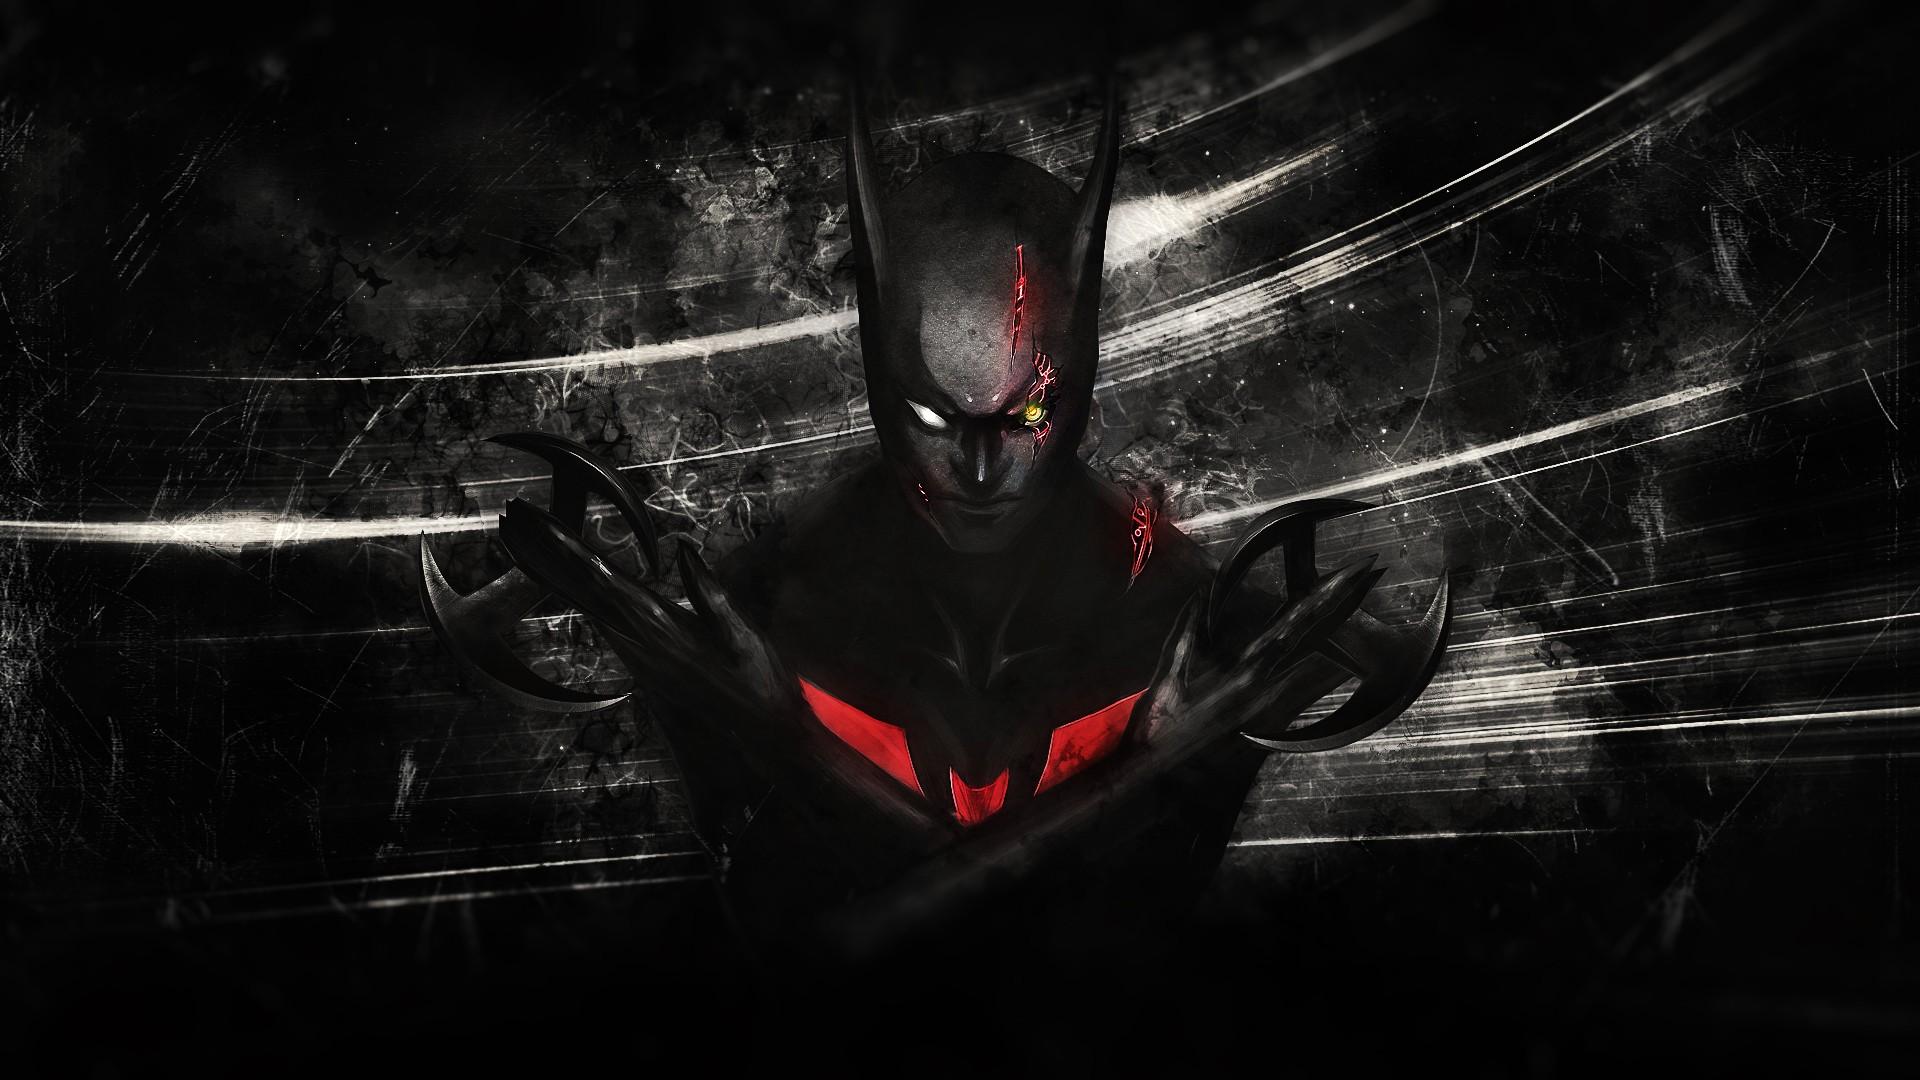 22 Batman Wallpapers   SETUIXCOM 1920x1080